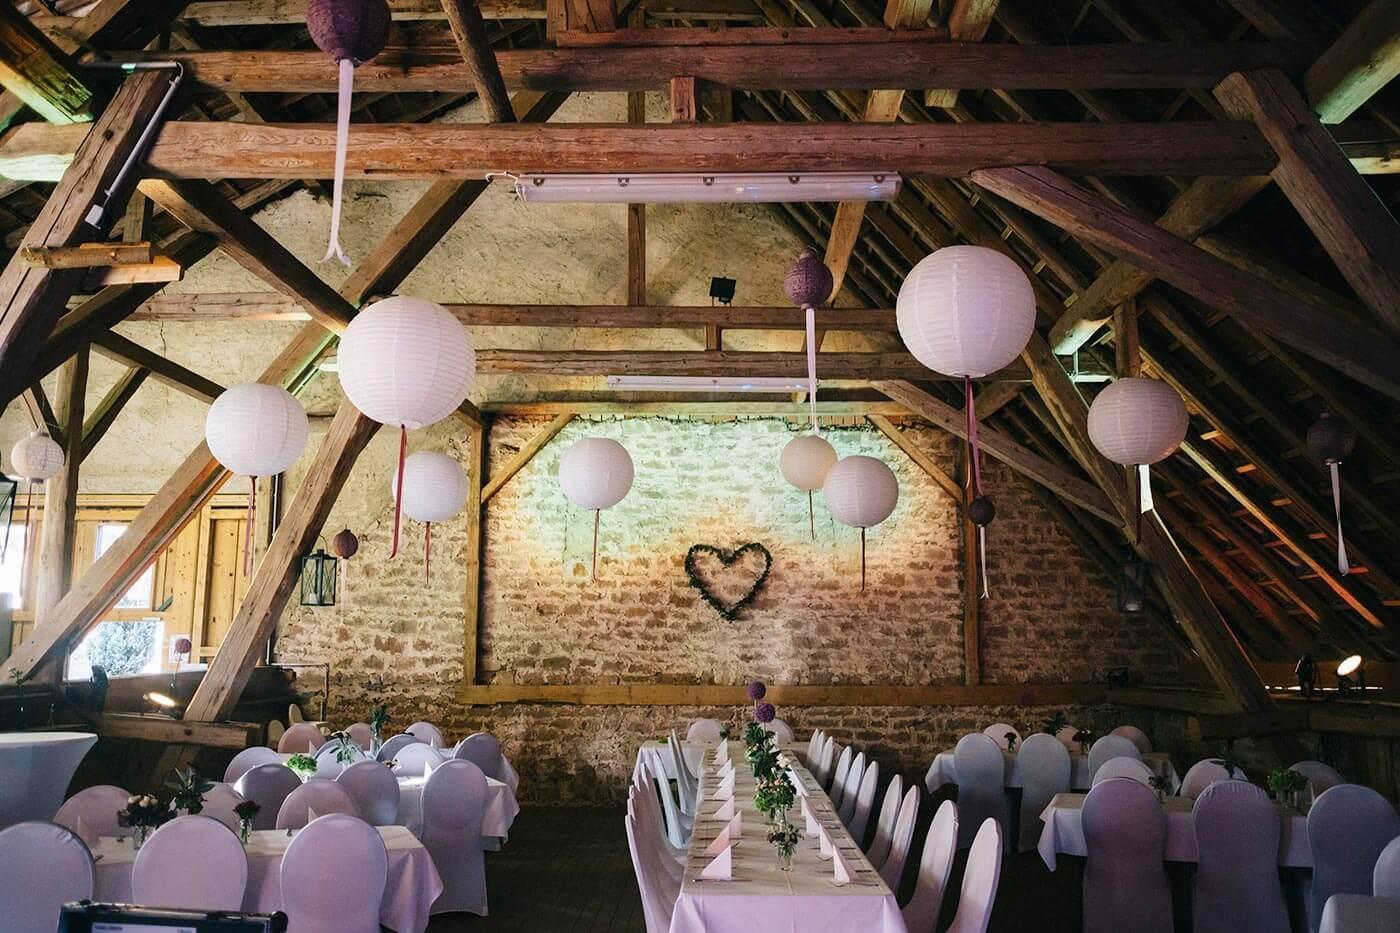 Hochzeitssaal dekorieren | Viele schöne Ideen in der